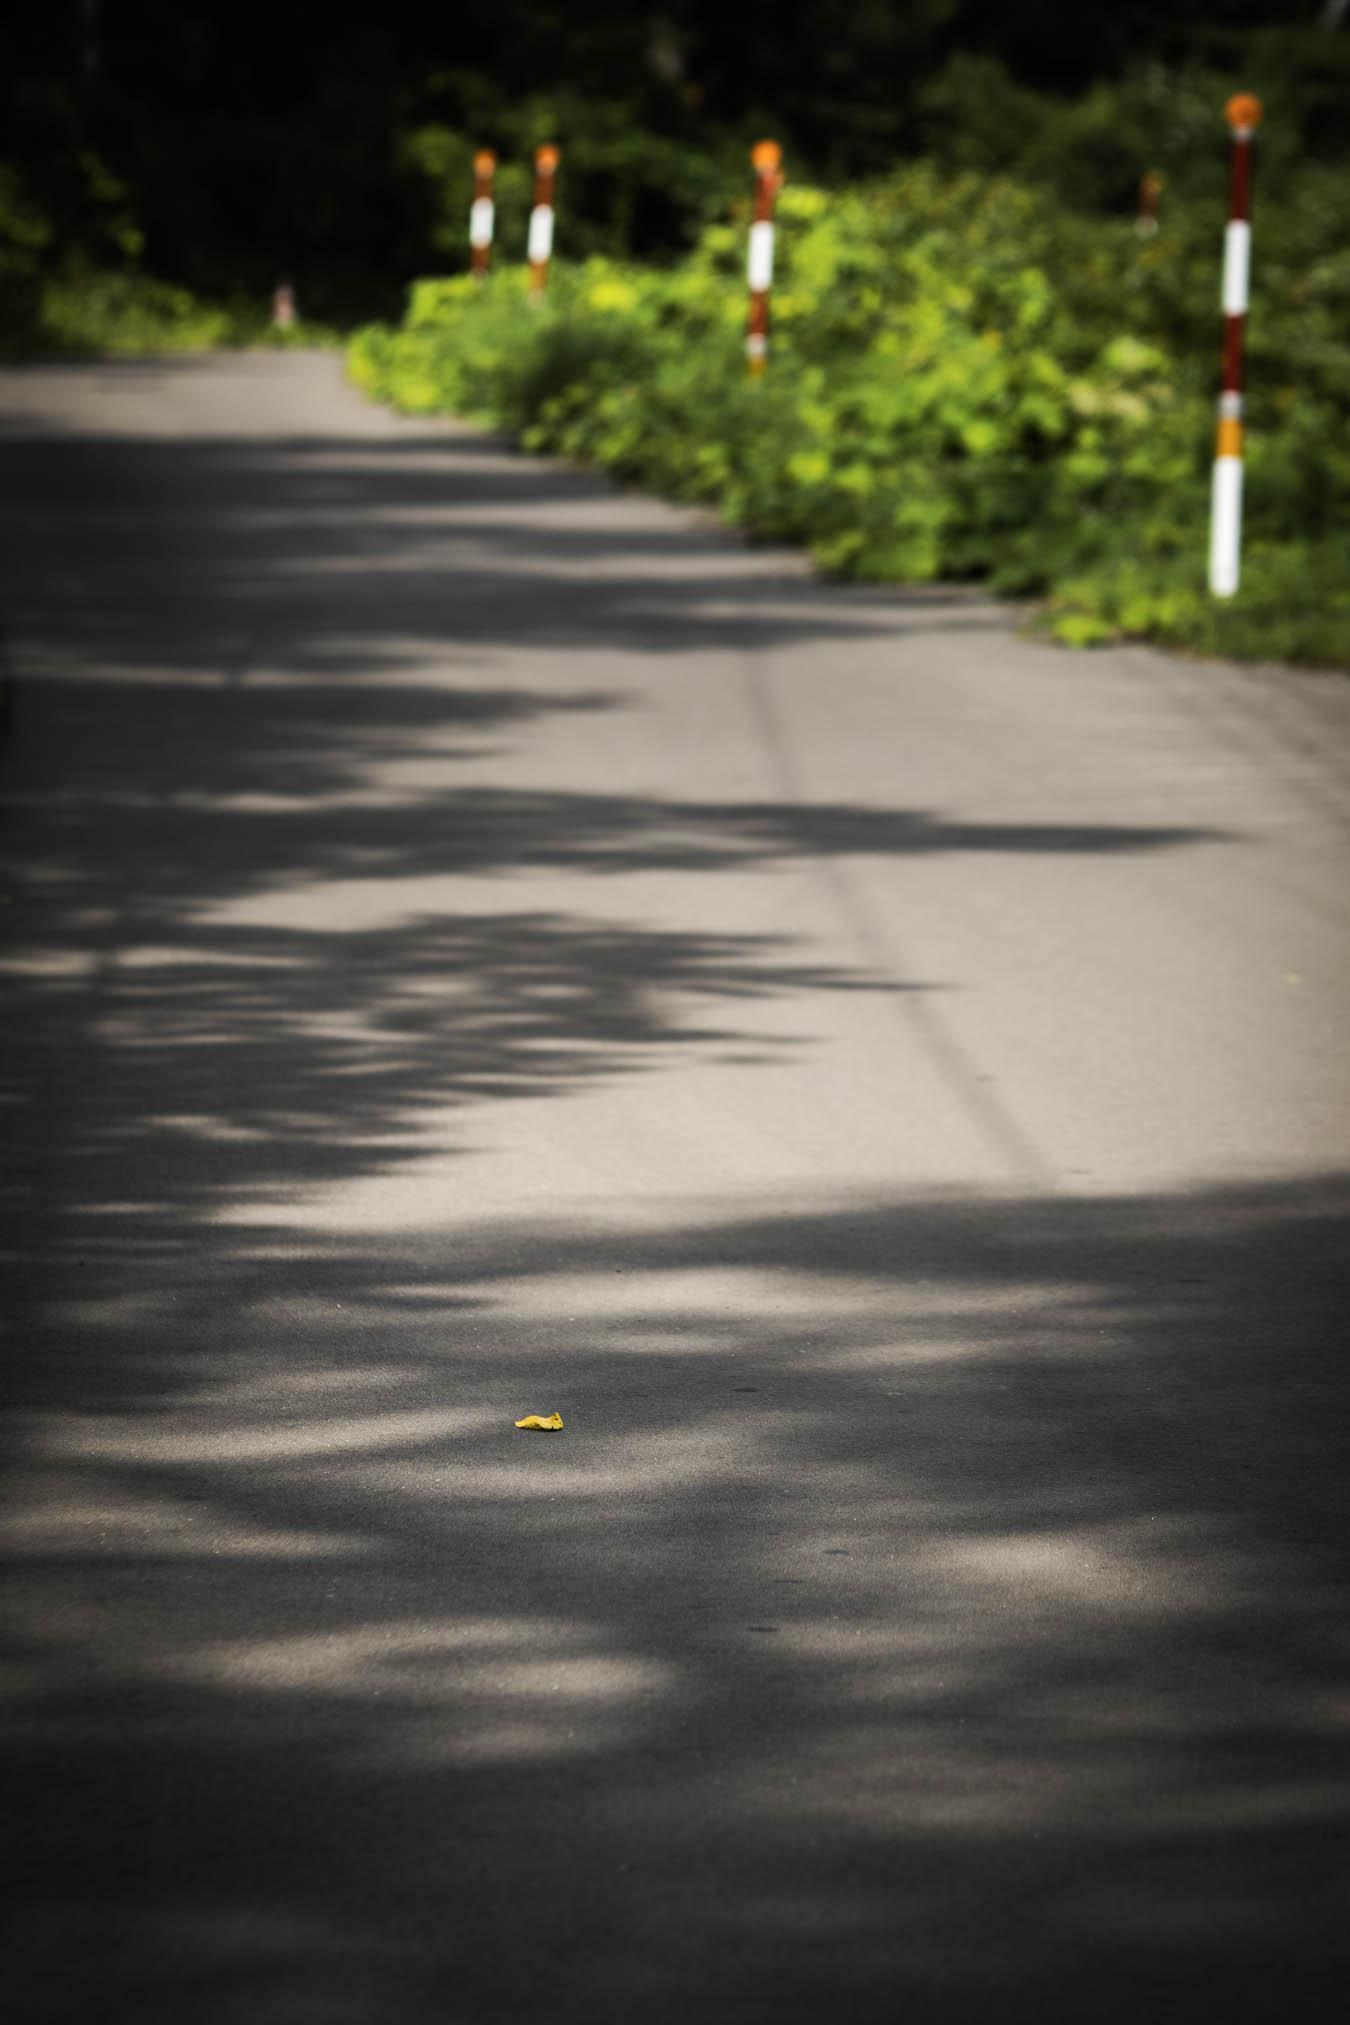 アスファルトに落ちる草の影と道路